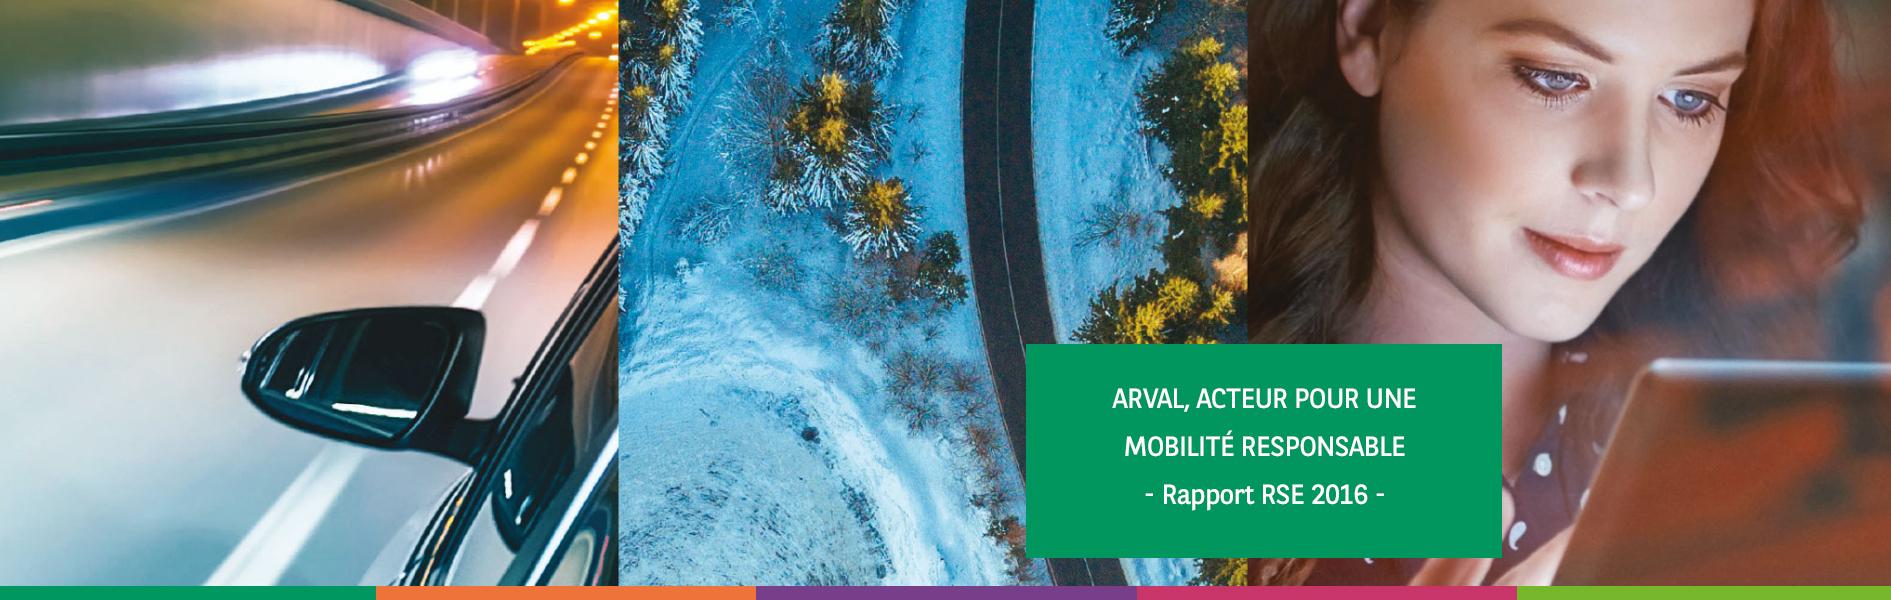 Démarche RSE Arval - rapport 2016